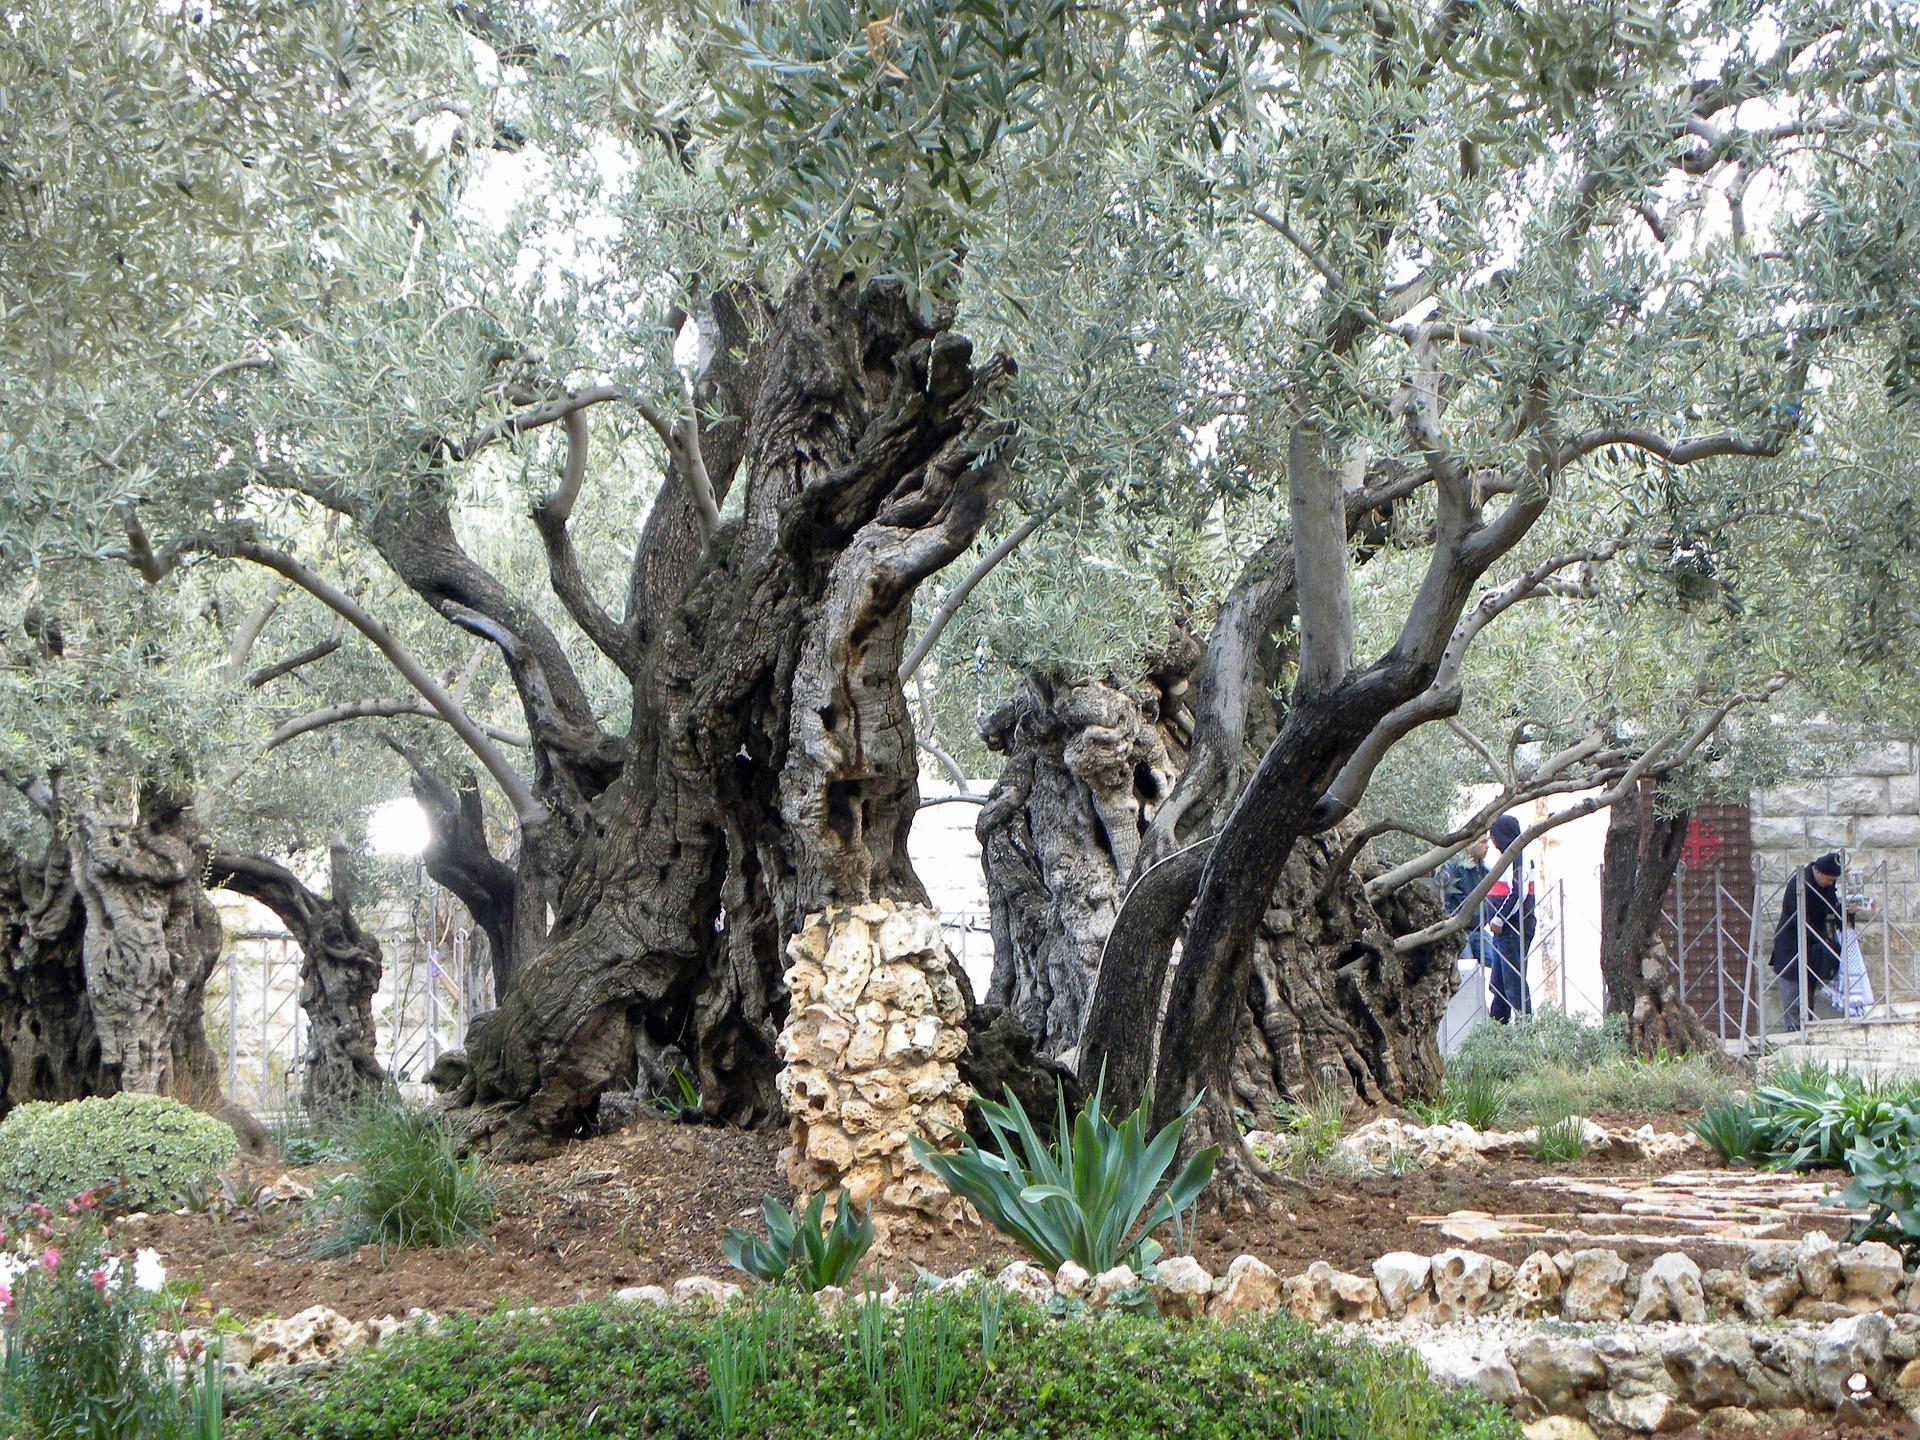 Pellegrinaggi Terra Santa jerusalem